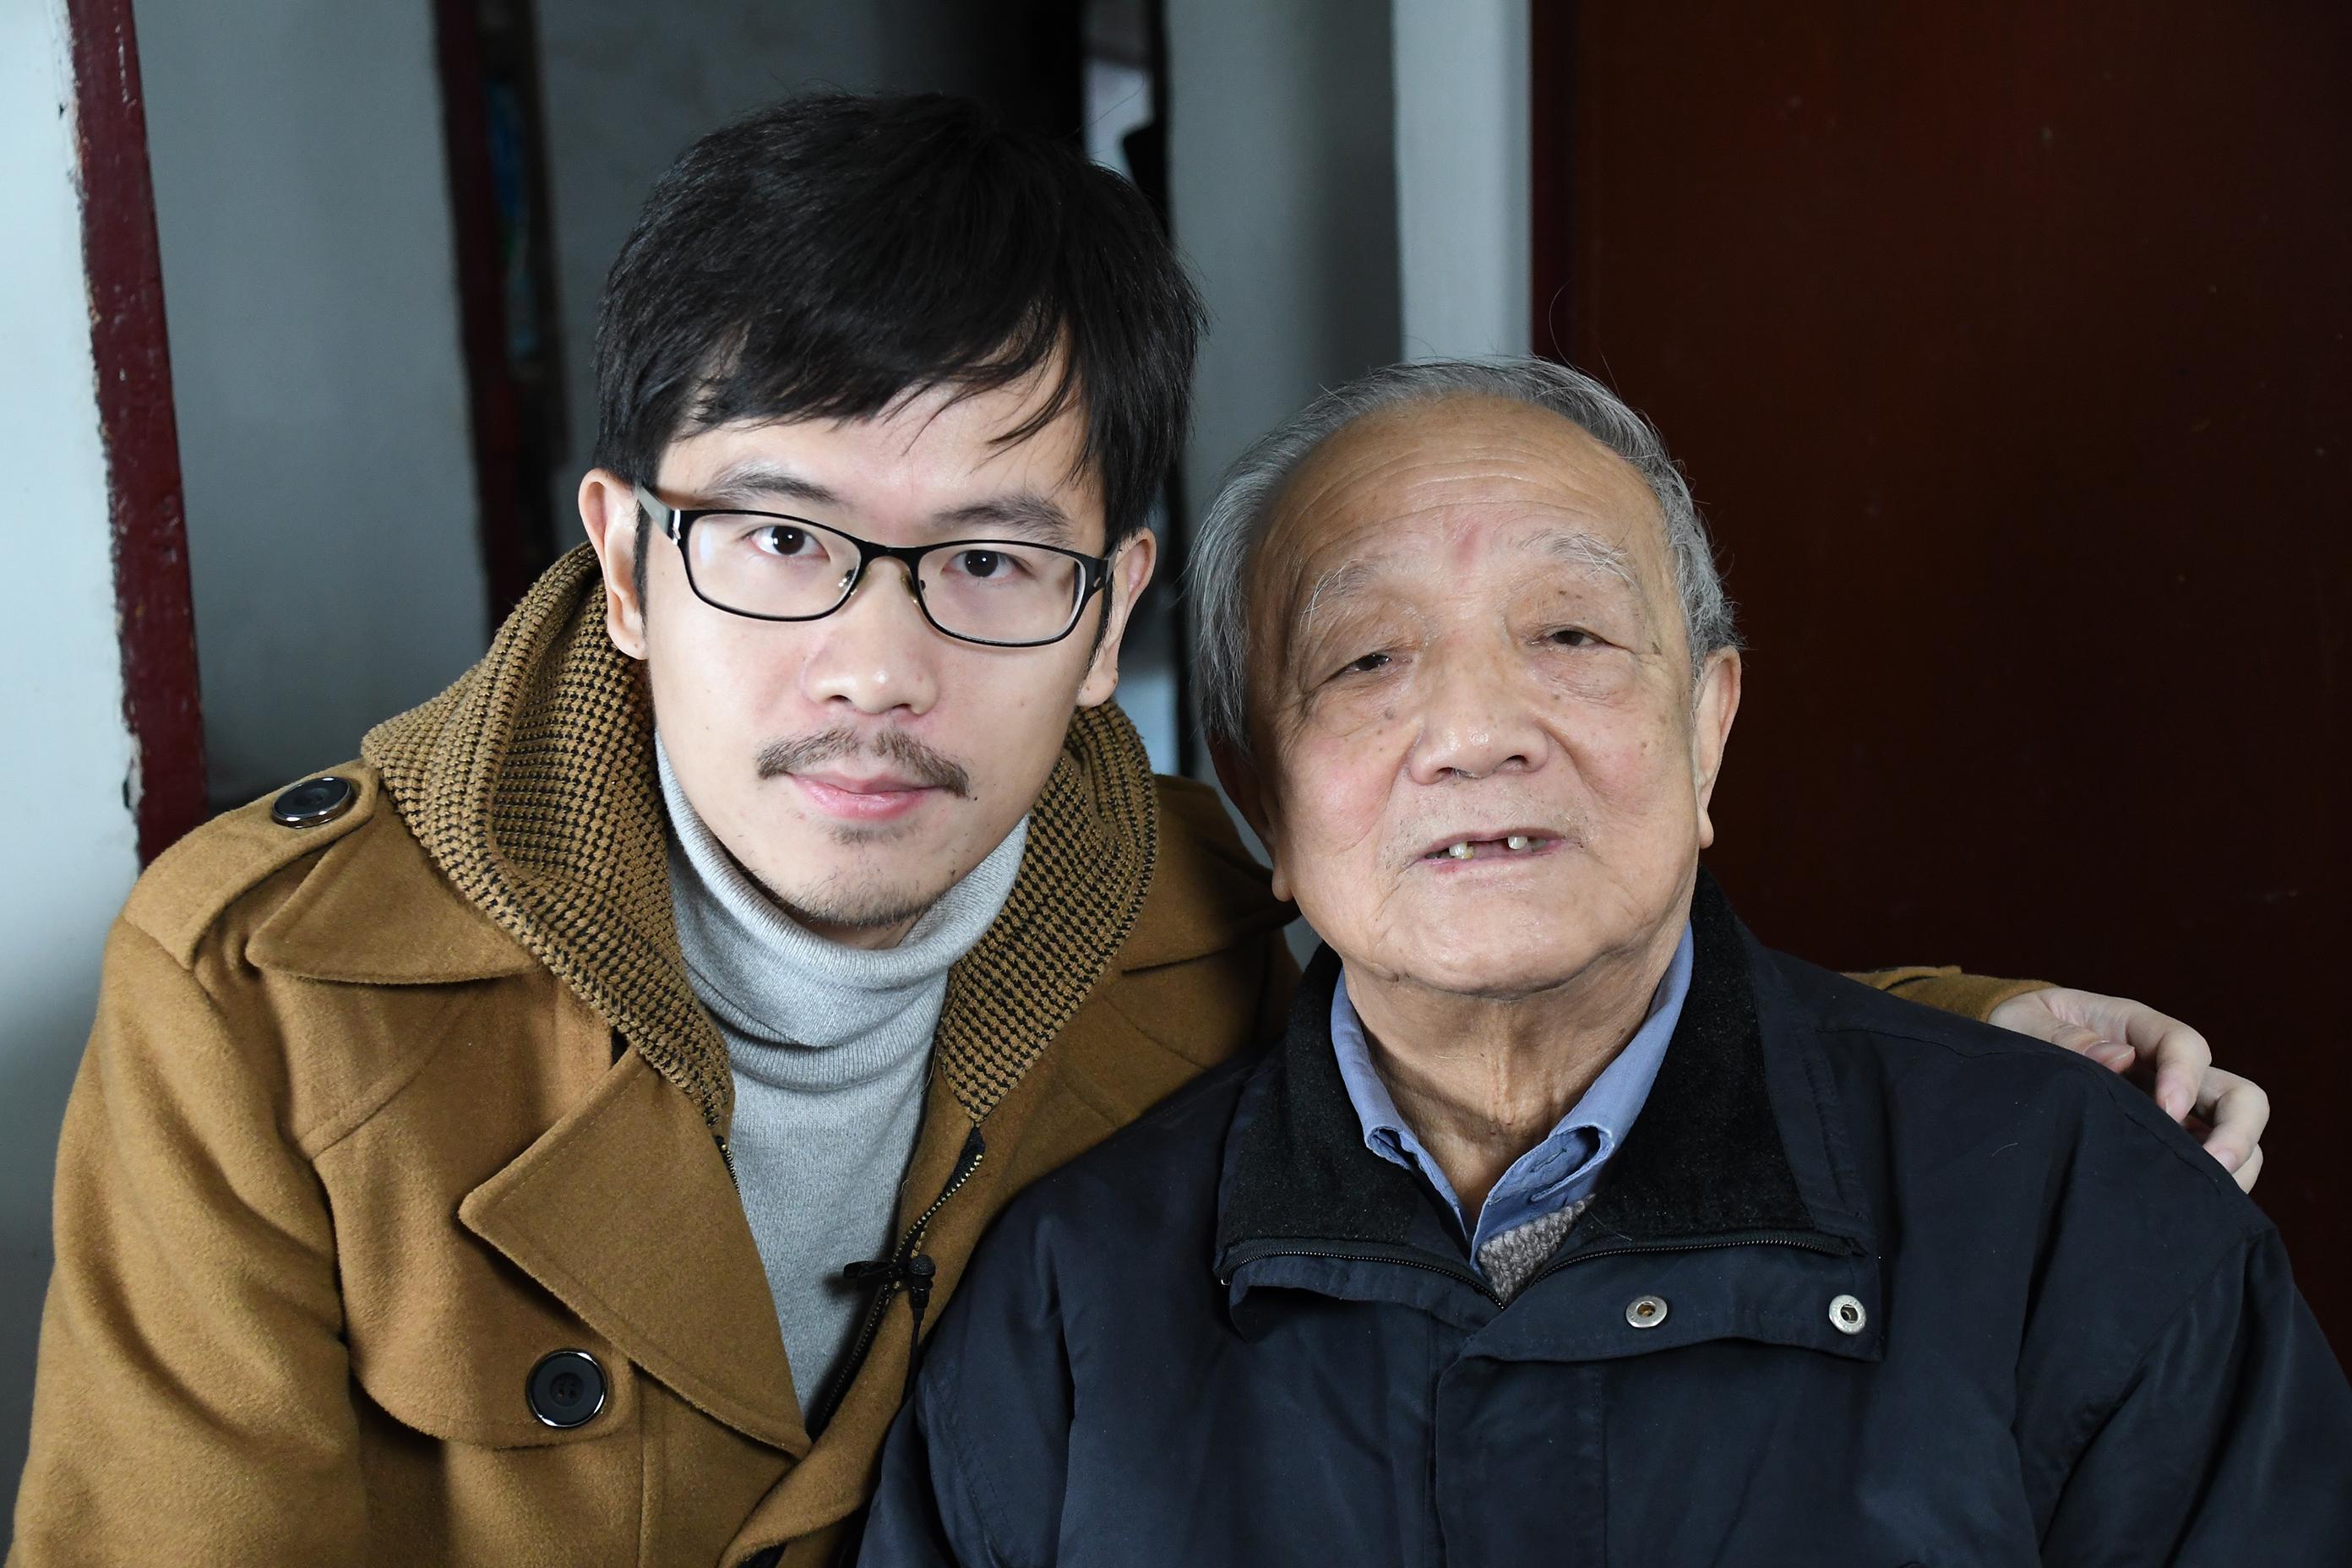 Survivor Zhu Zaiqiang and USC Shoah Foundation staff Cheng Fang